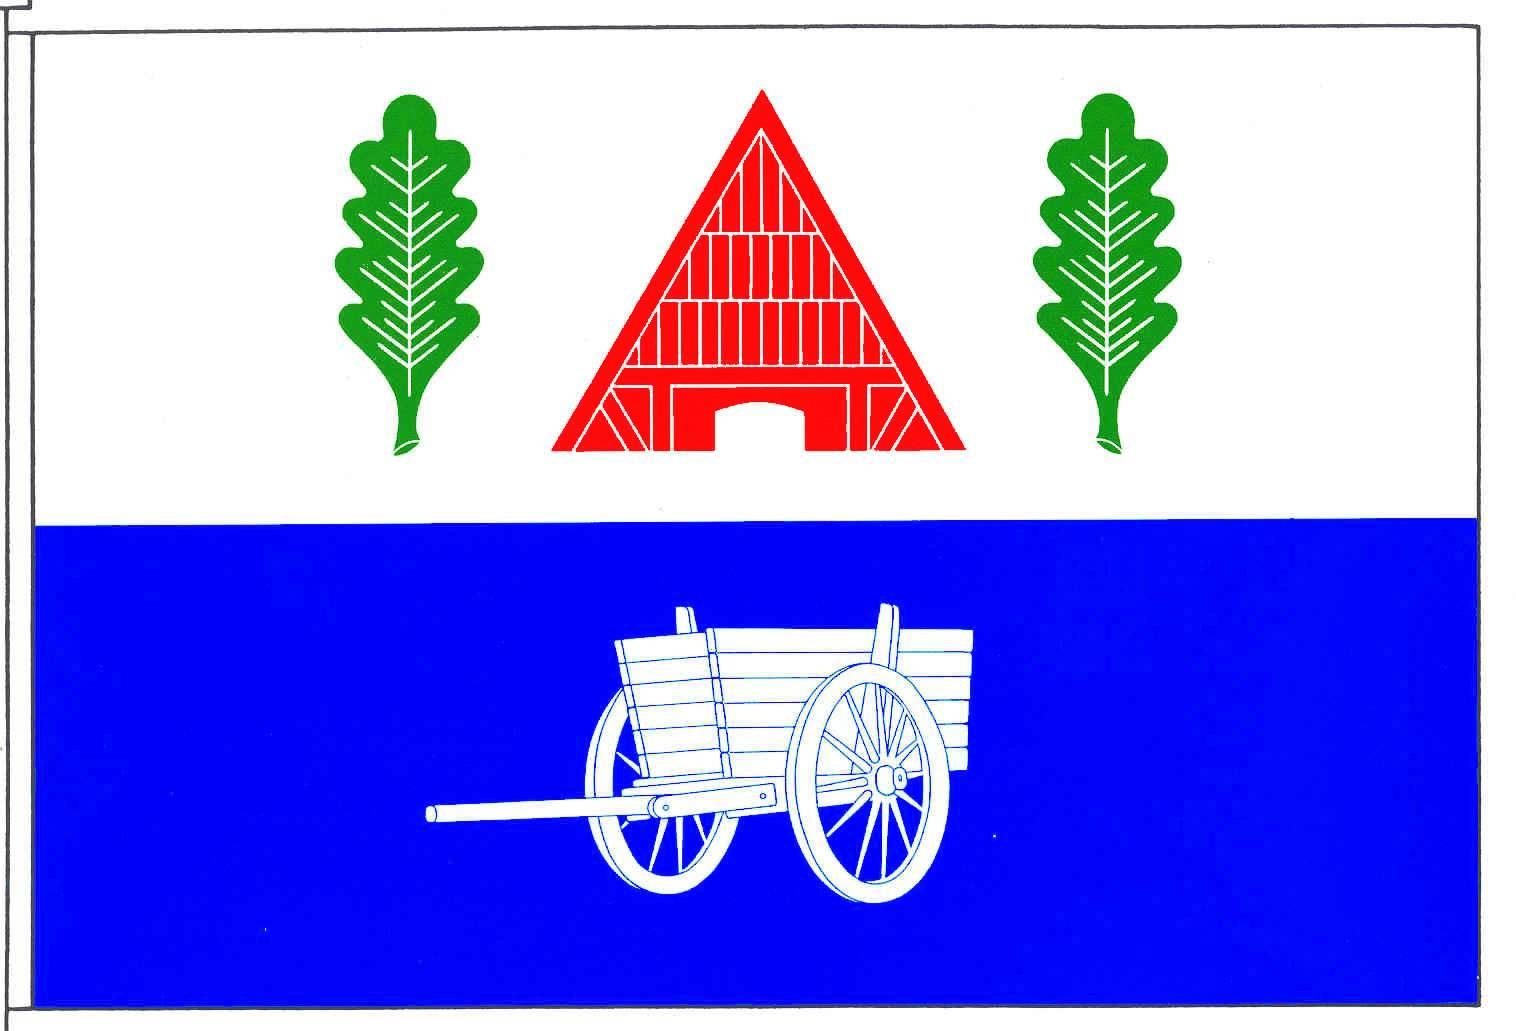 Flagge GemeindeMühbrook, Kreis Rendsburg-Eckernförde